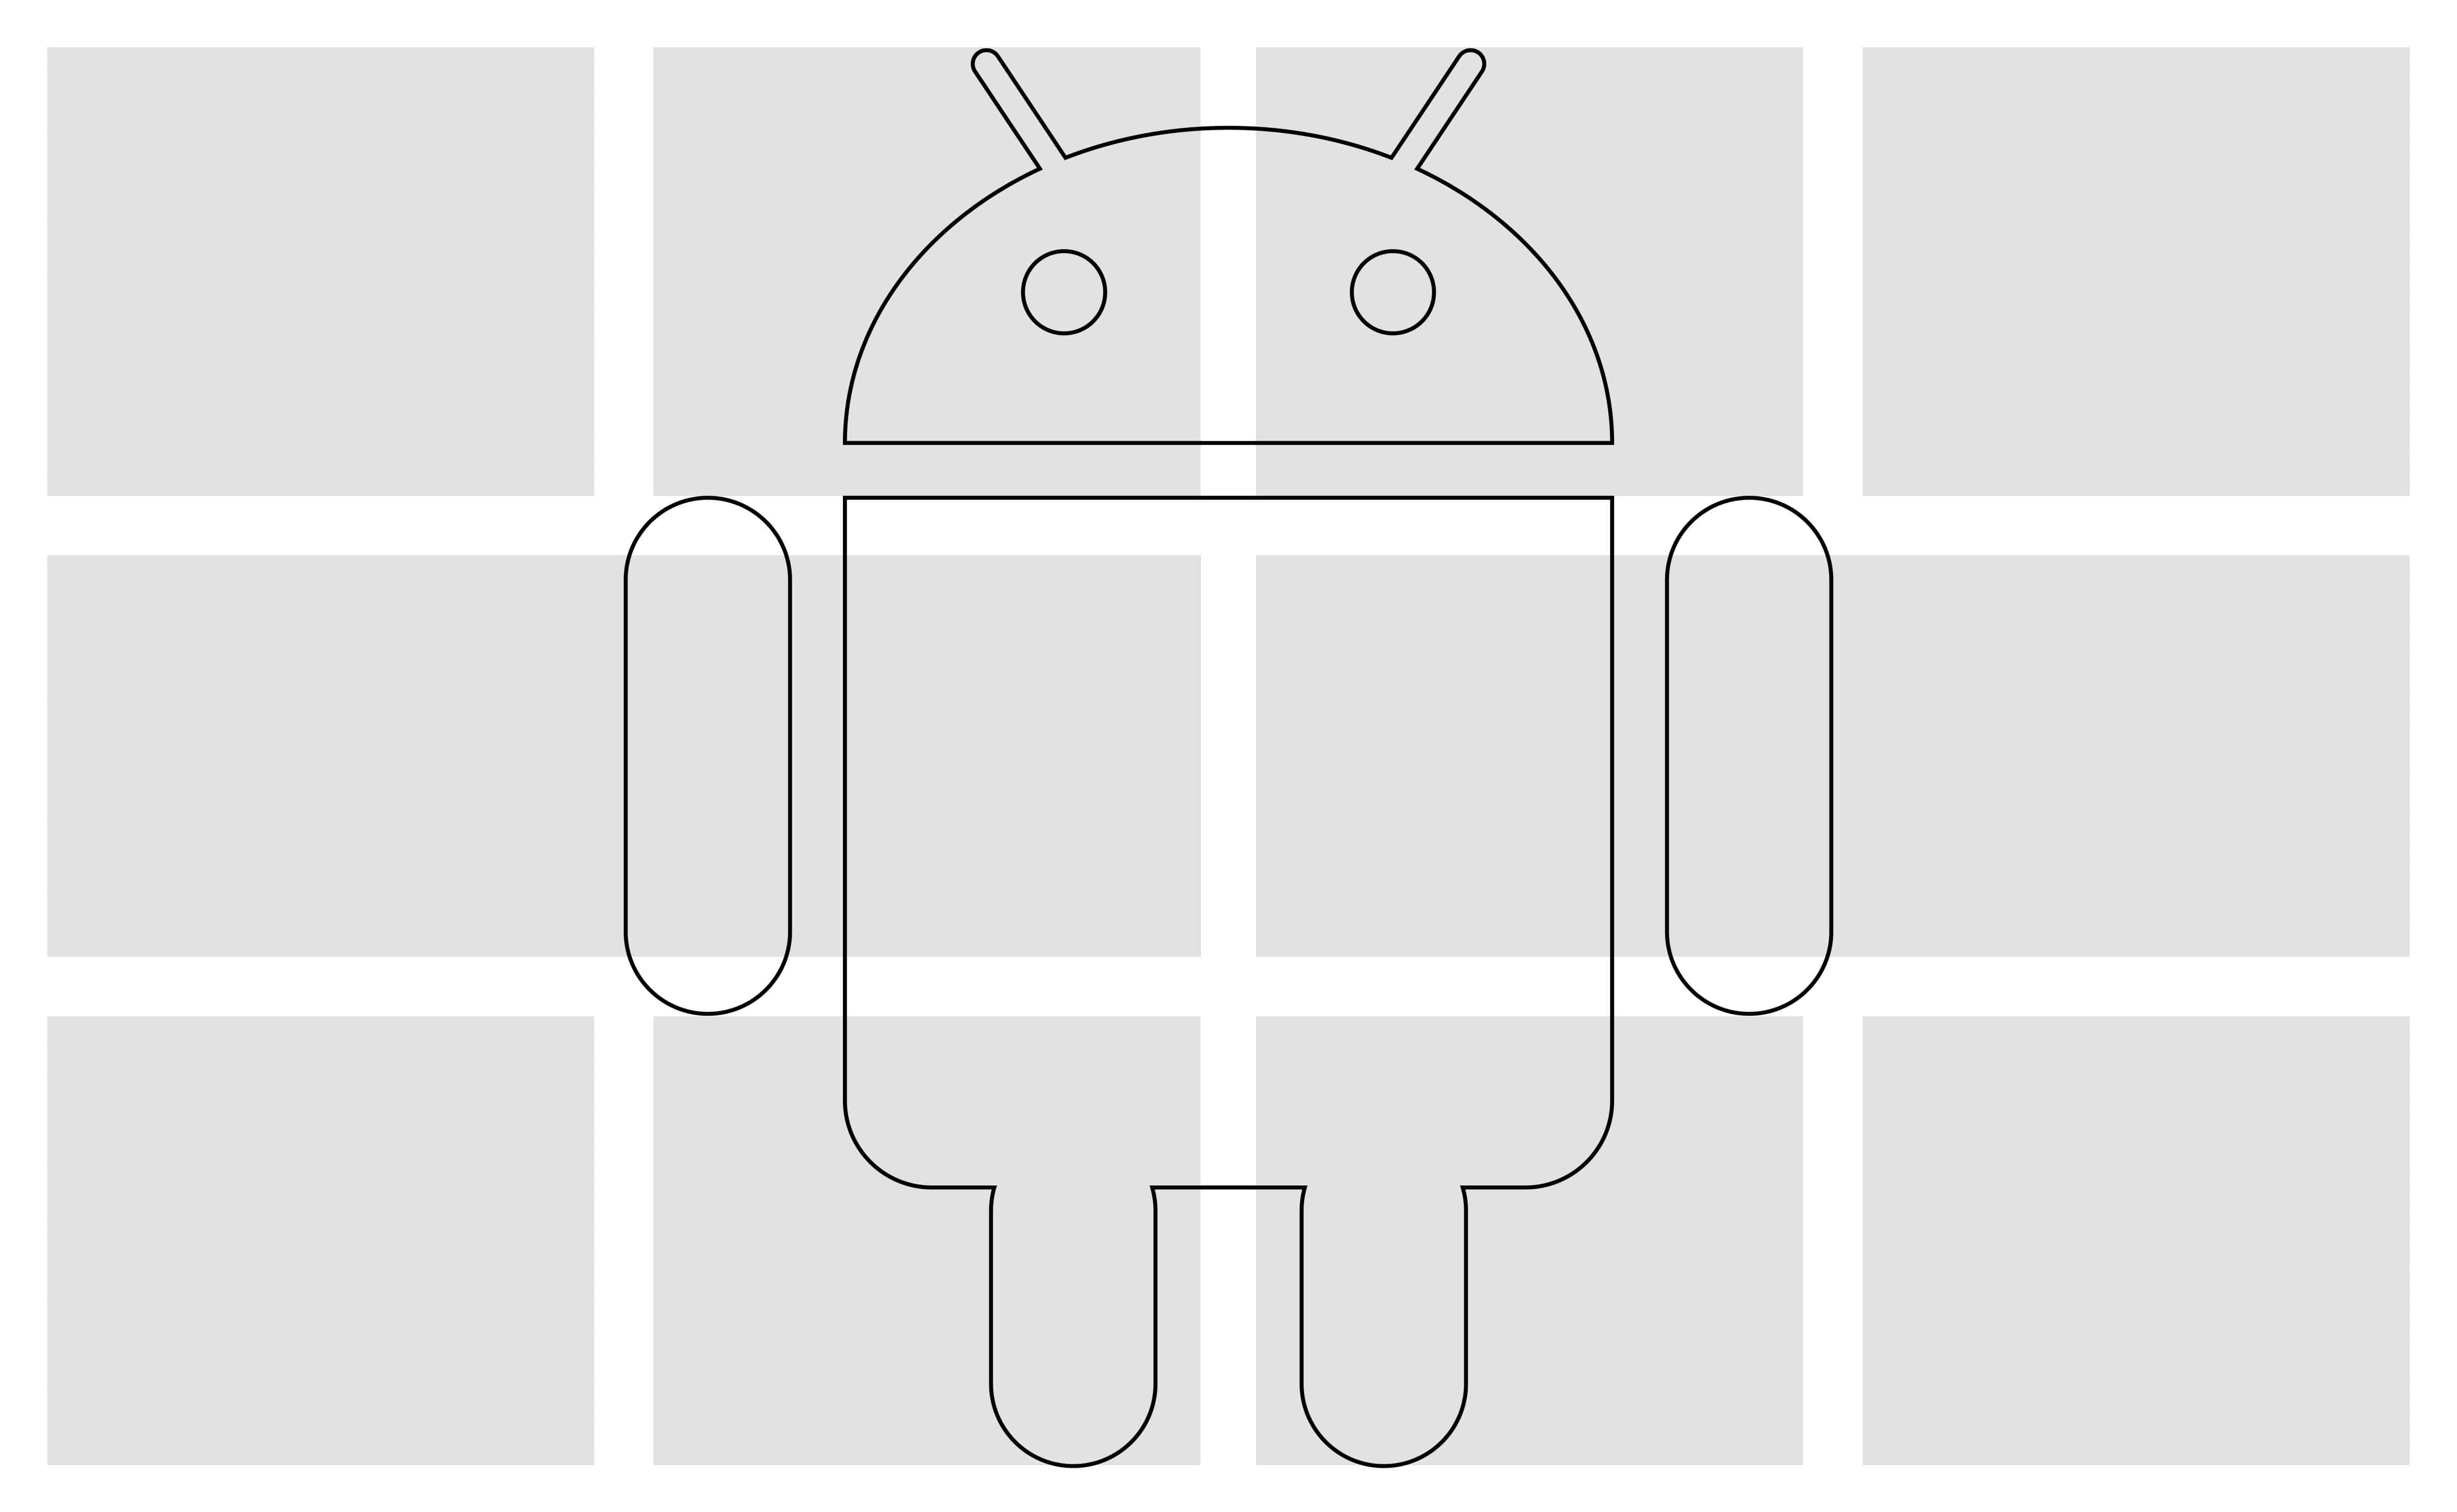 Mit wenigen Handgriffen kann man dafür sorgen, dass sich Bilder in Android selbst skalieren und dabei stets die Proportionen beibehalten.